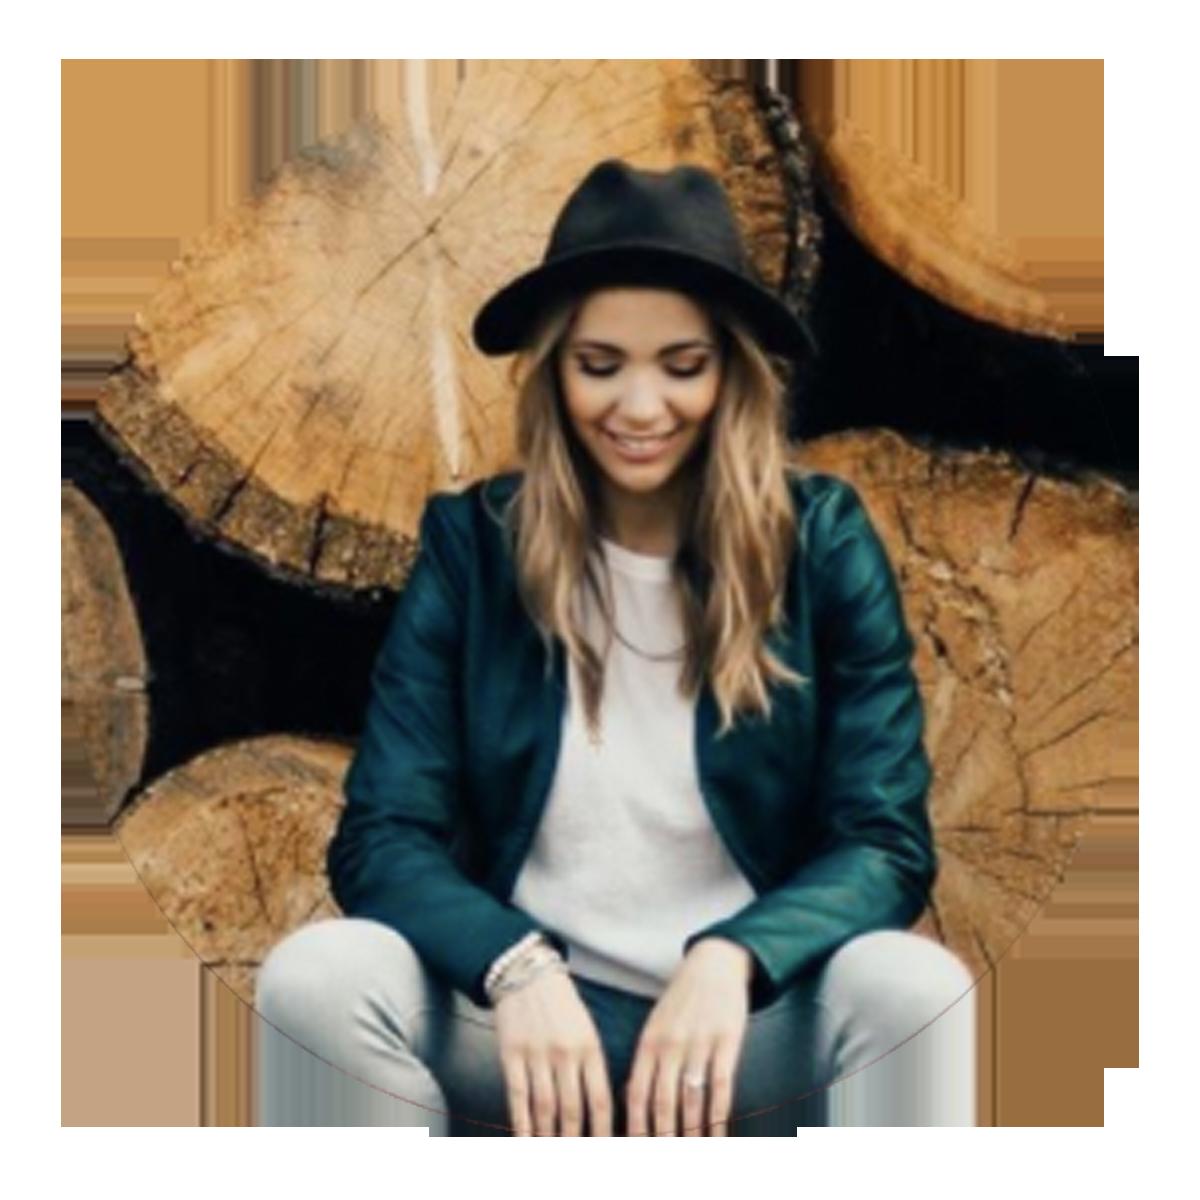 Michelle Knudsen Davines stylist